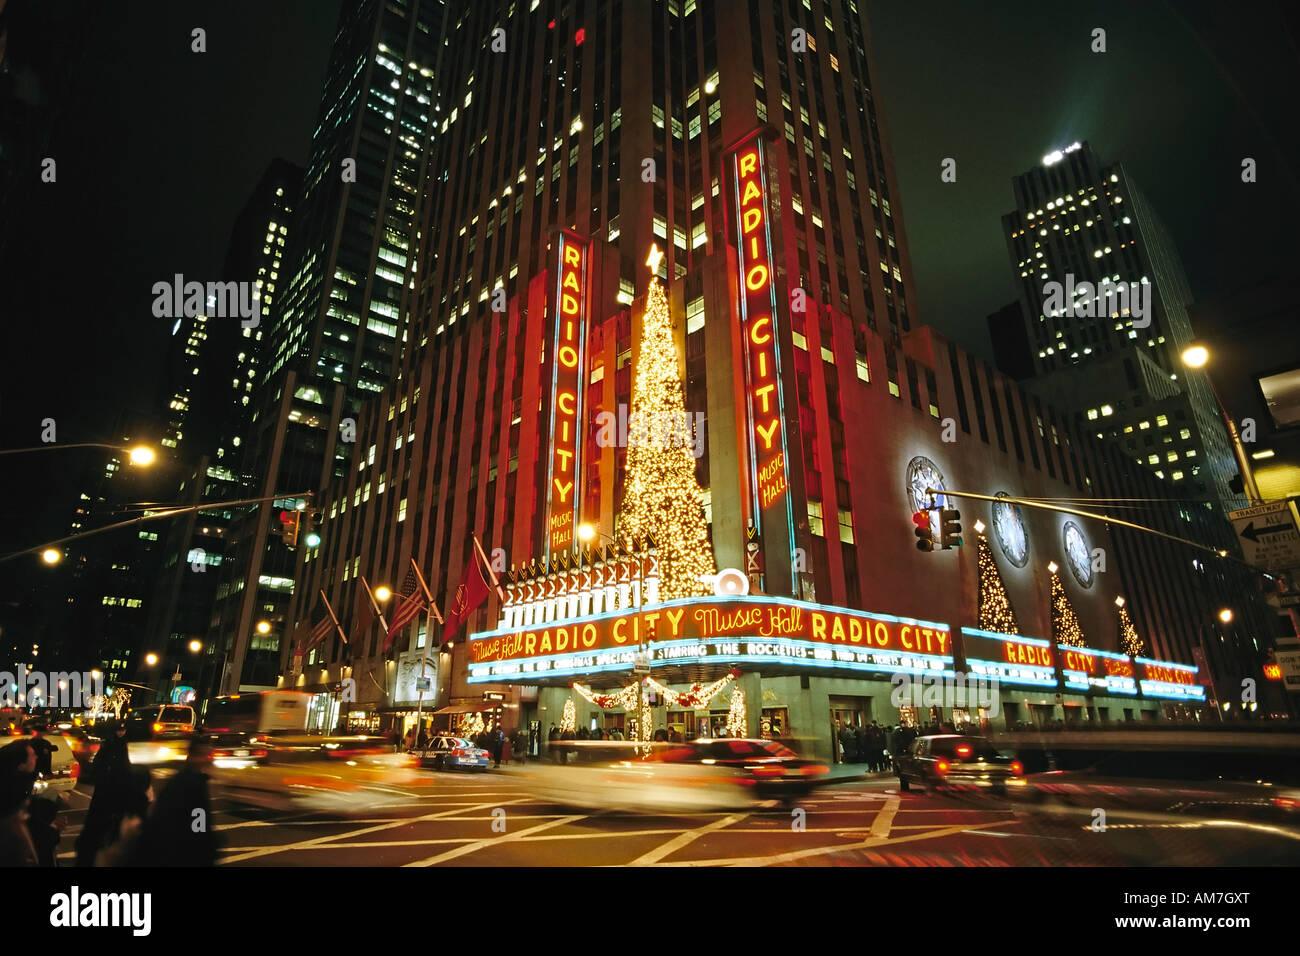 Die Radio City Music Hall Gebäude bei Nacht, Weihnachten in new york ...